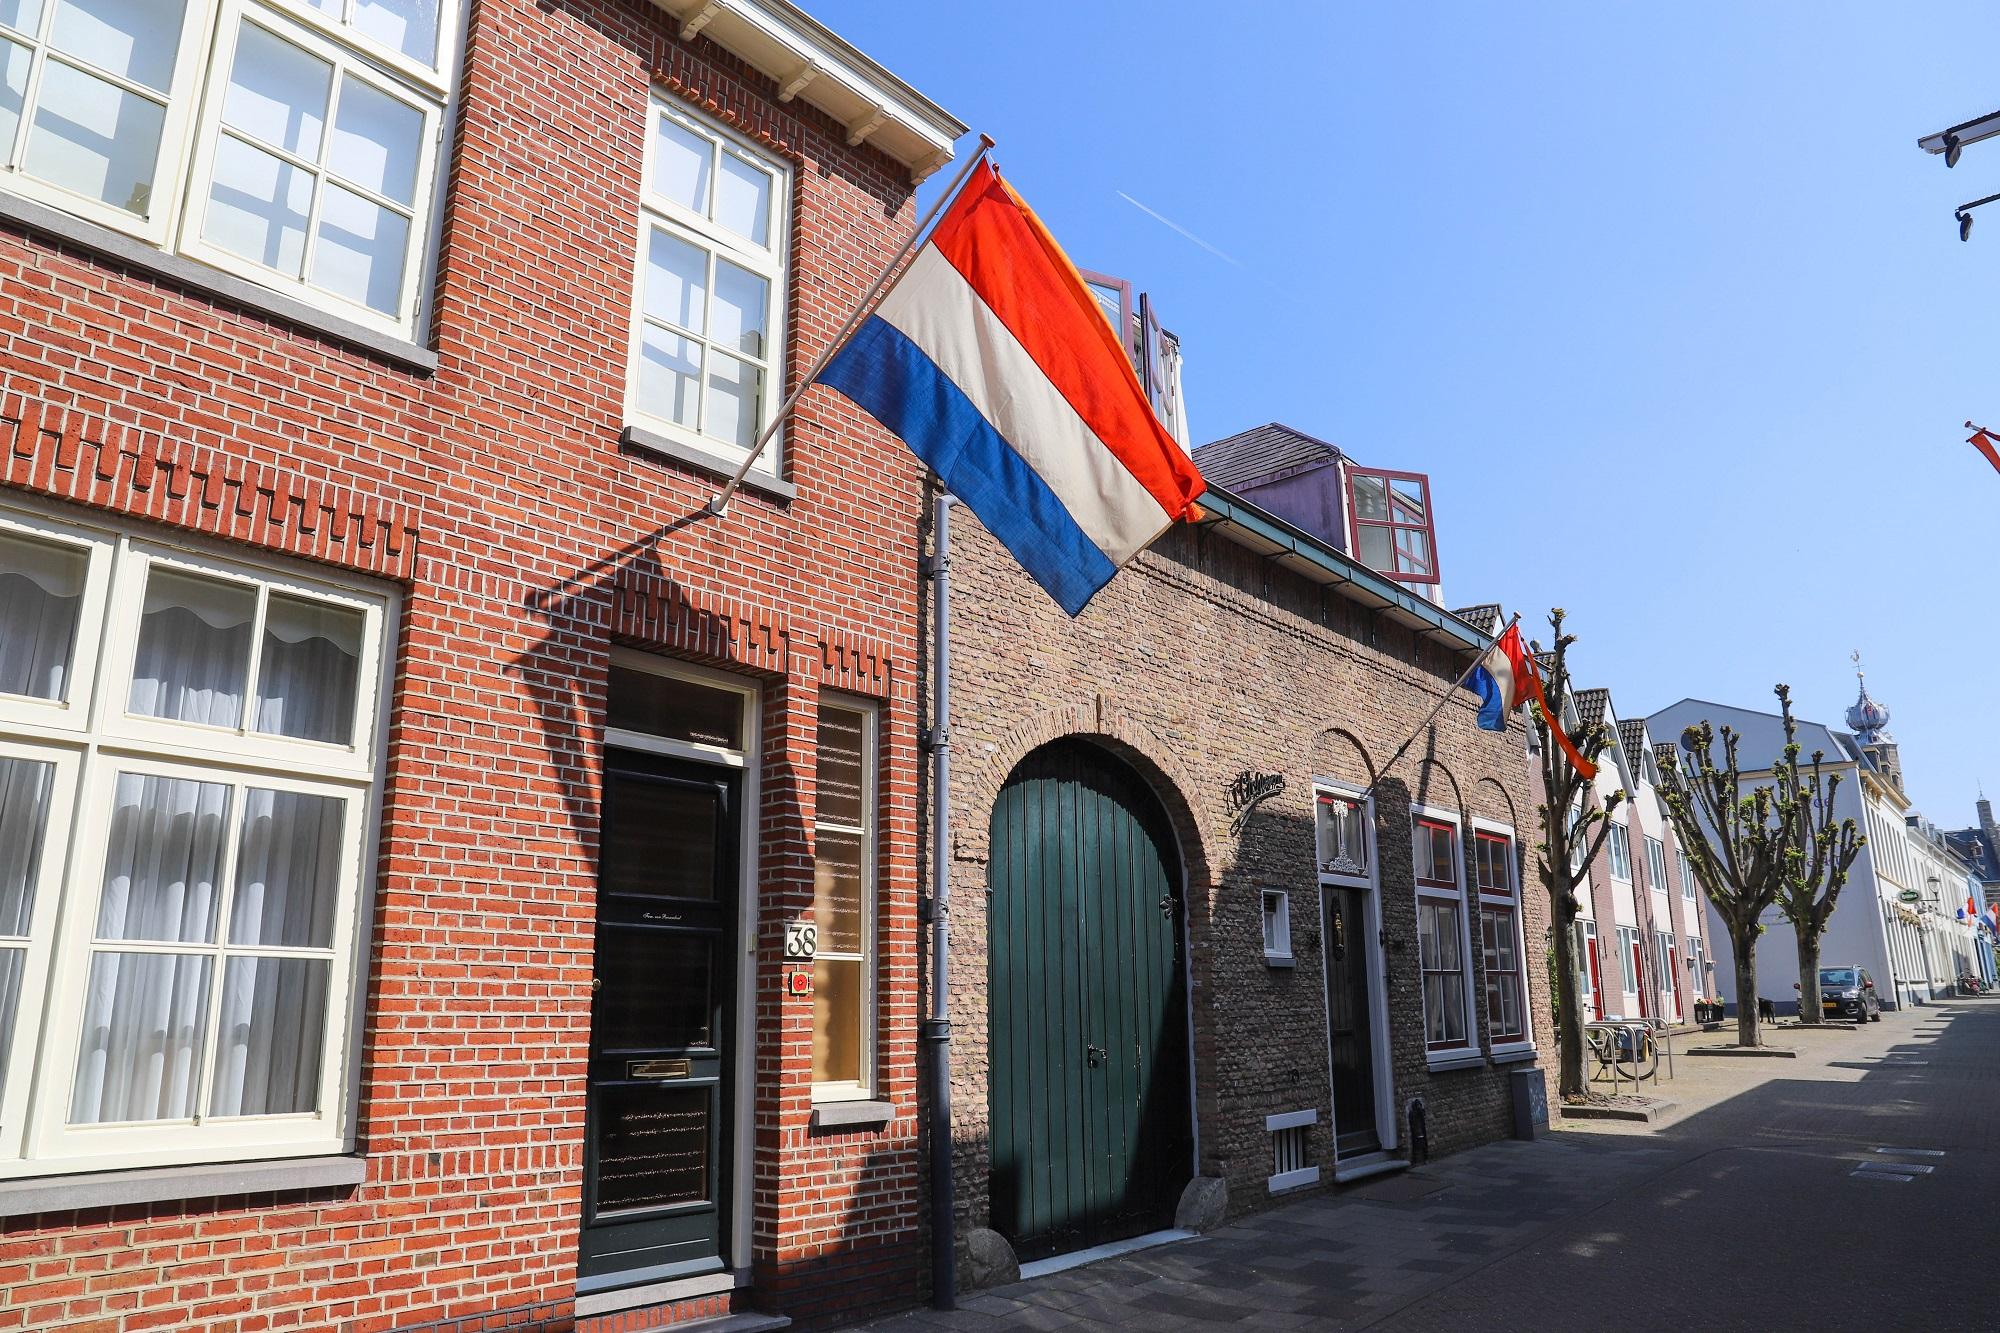 woz-waarde bergen op zoom woningsdag 2020 koningsdag 2020 nederlandse vlag nederland